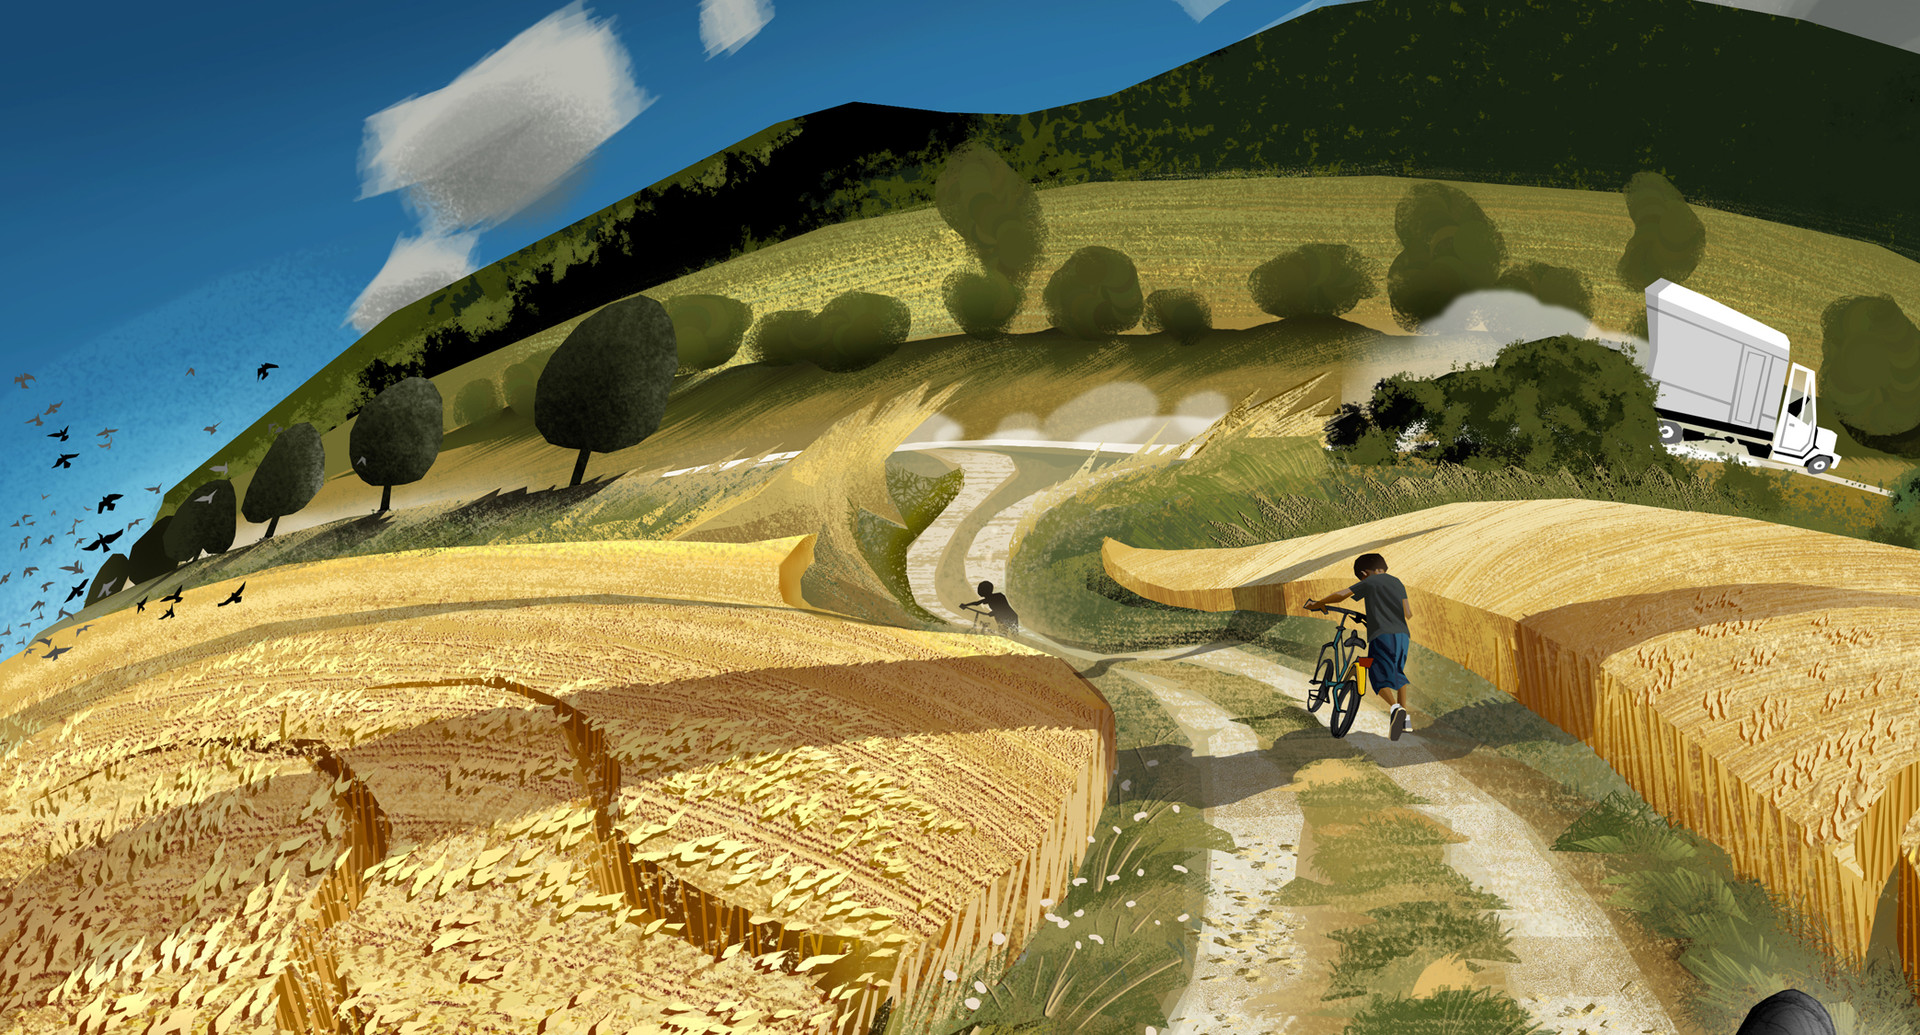 Harald ardeias summer fields detail 2